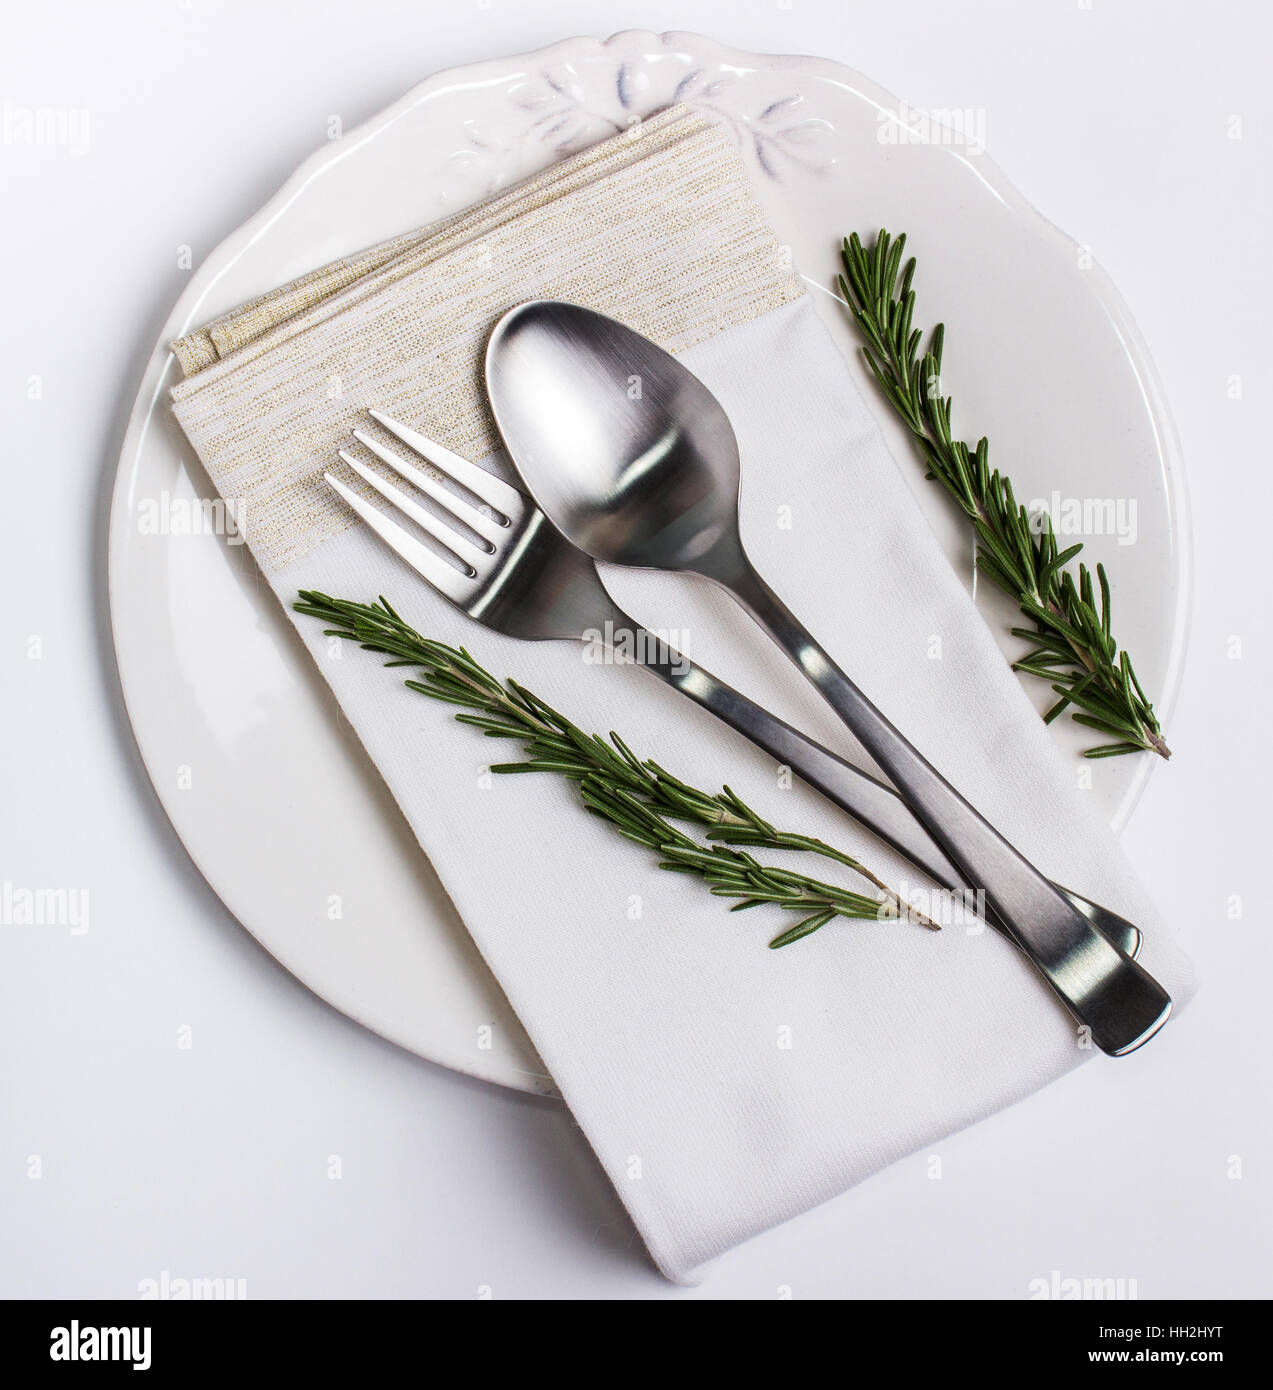 Schöne Teller, Löffel und Gabel auf einer Serviette mit Rosmarin zur ...